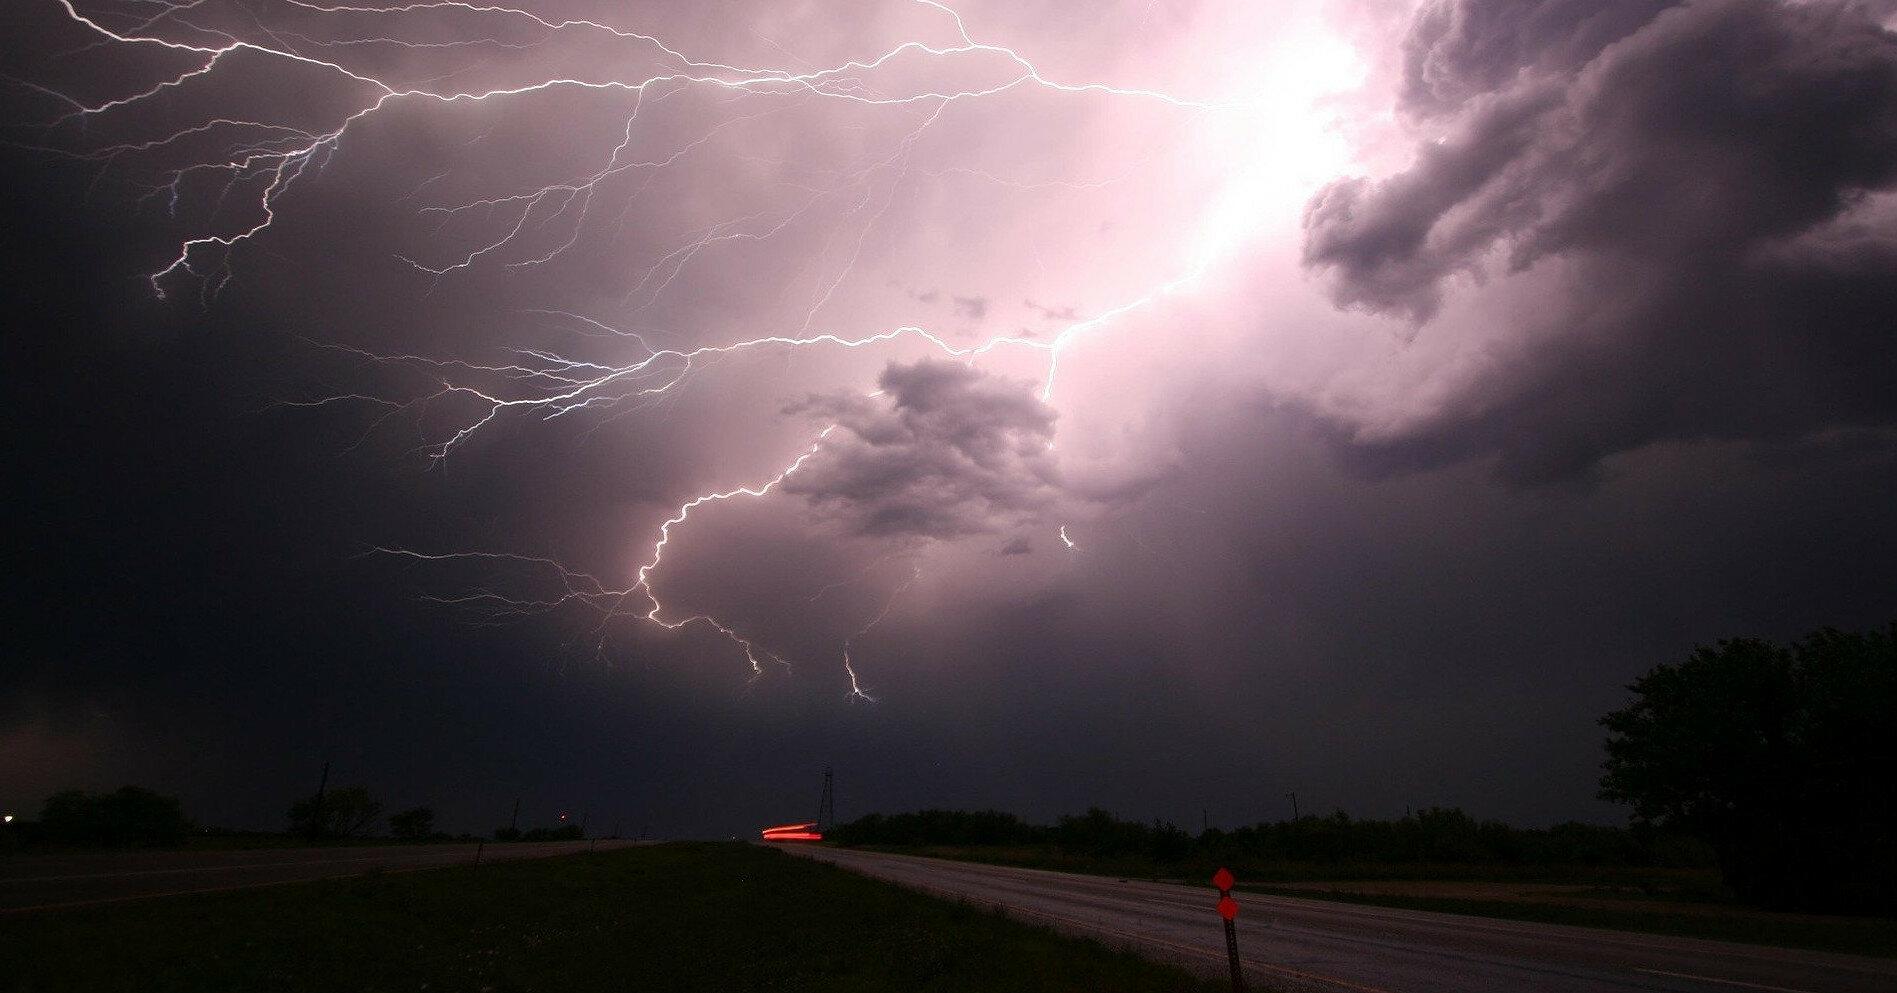 ГСЧС объявила штормовое предупреждение в четырех областях